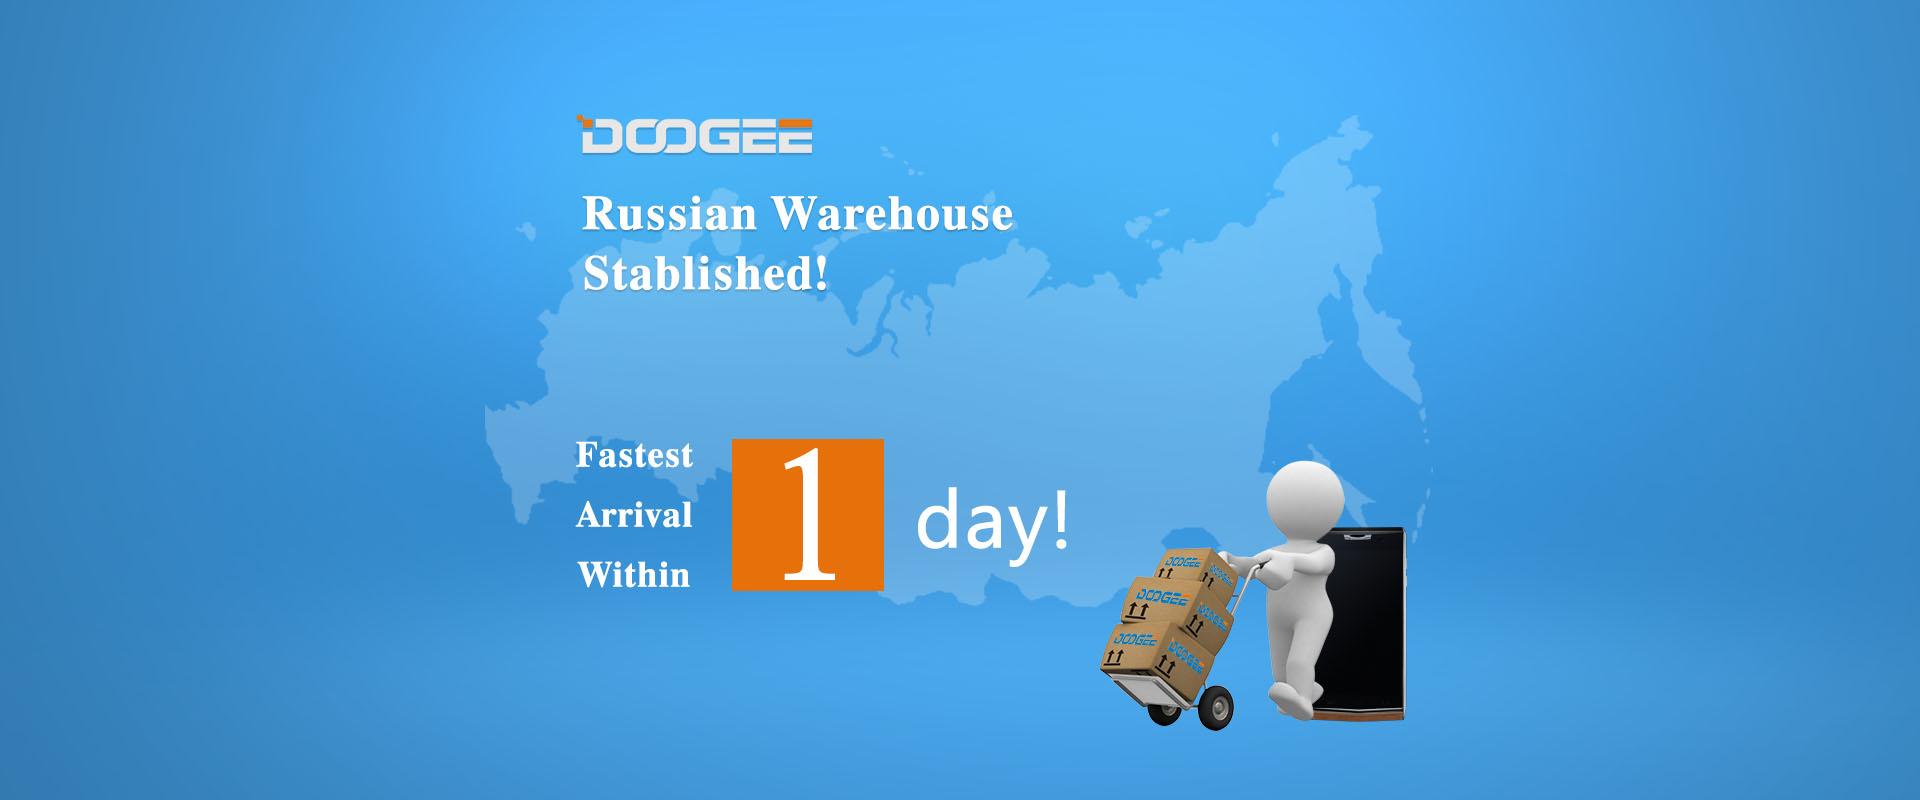 Китайский производитель Doogee открывает склад и сервисные центры в России